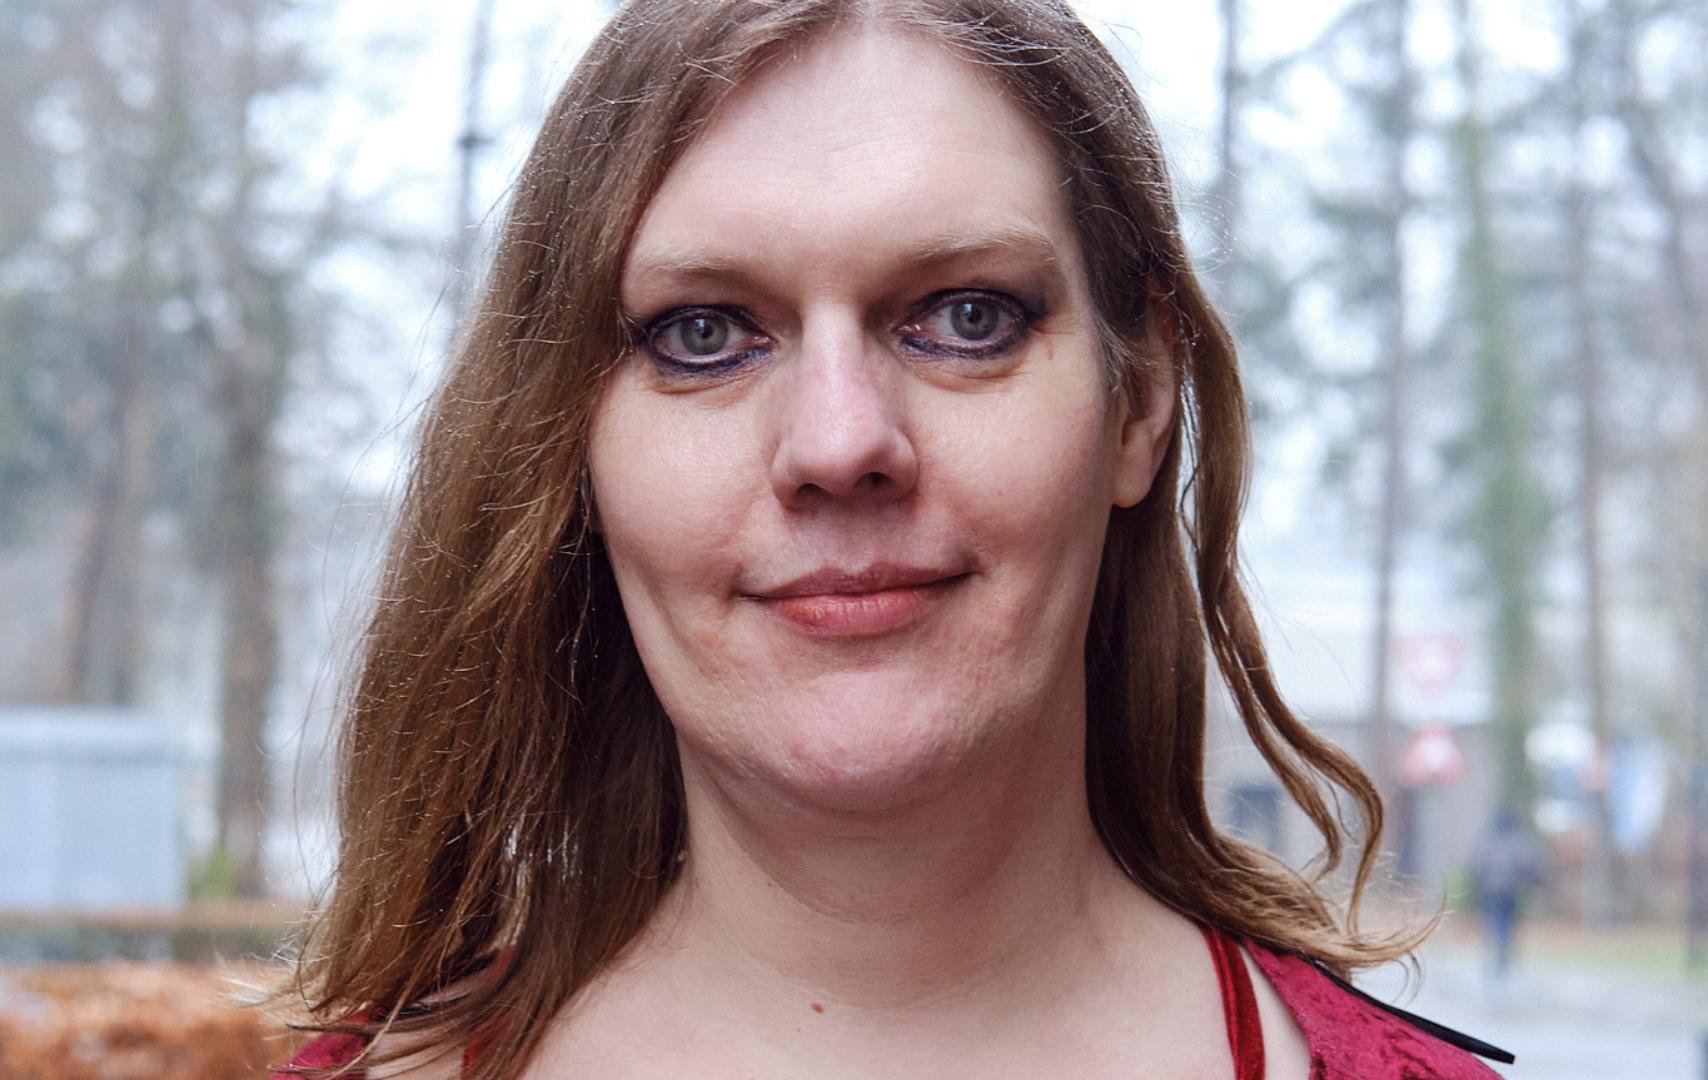 Portretfoto van Petra Kramer. Zij is een witte vrouw en draagt een rode